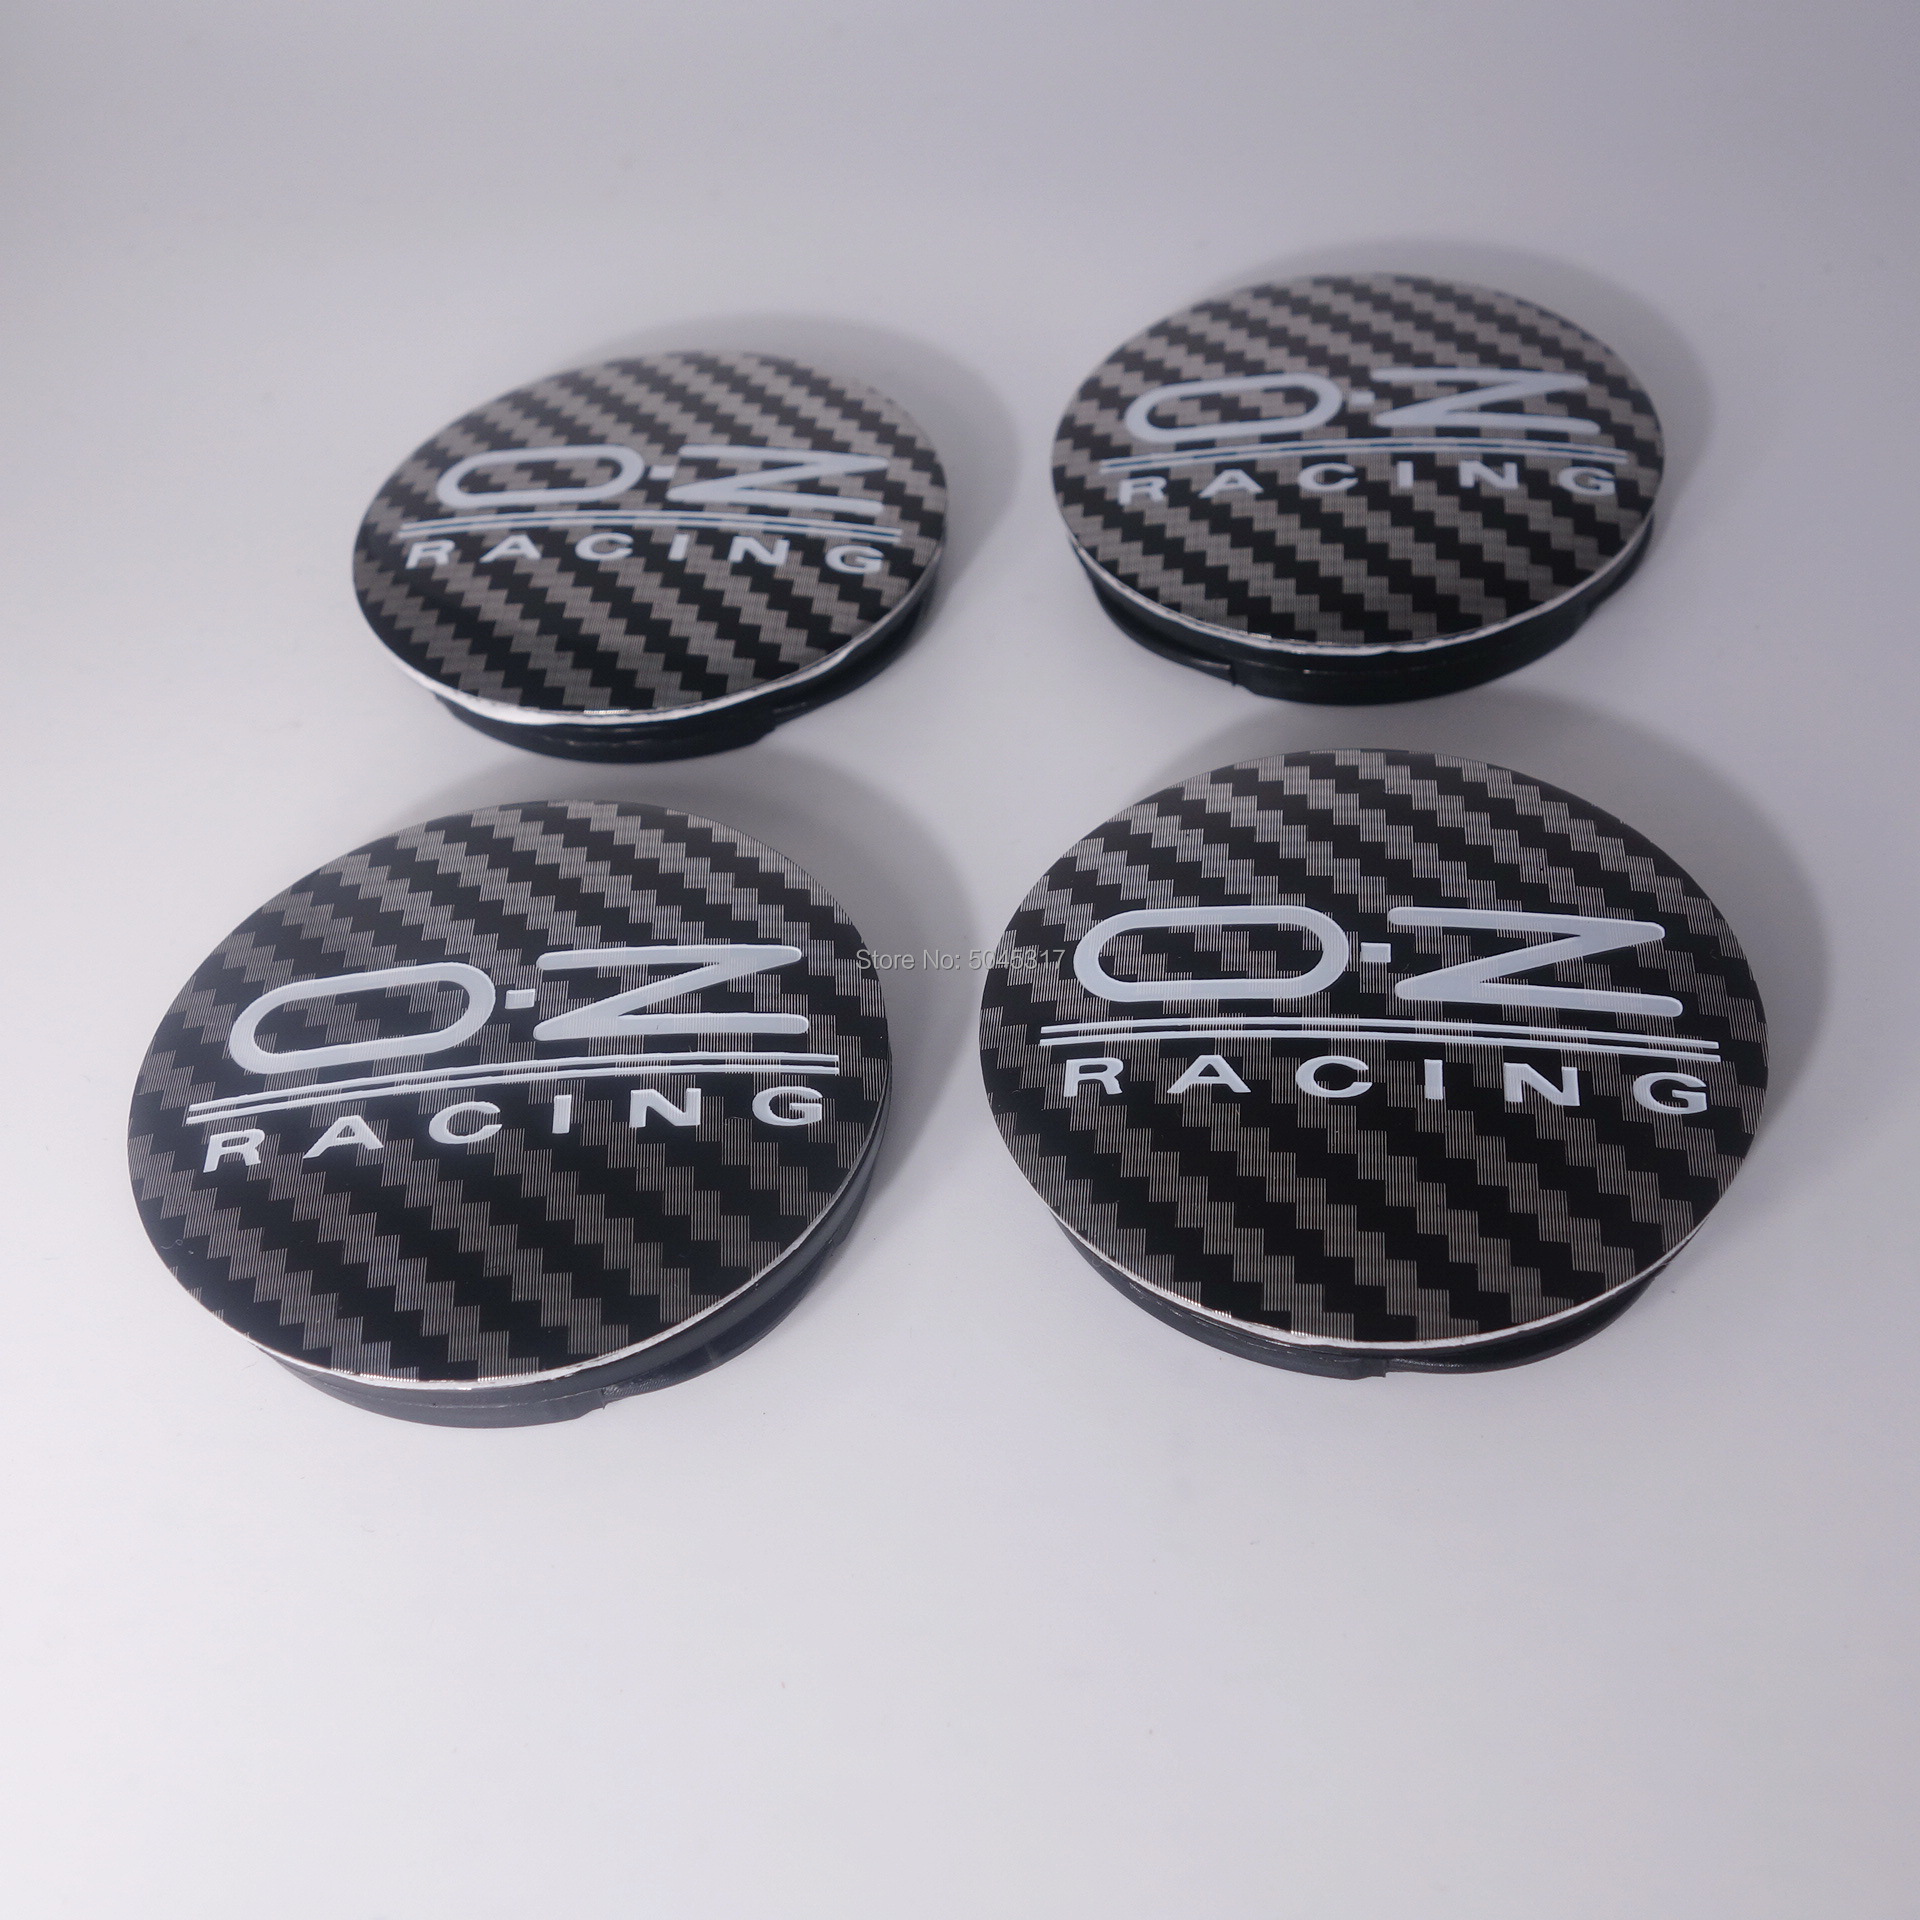 4 шт. 55 мм/52 мм для OZ Racing значок пустой хром Центральная втулка колеса автомобиля крышки обода крышка M582